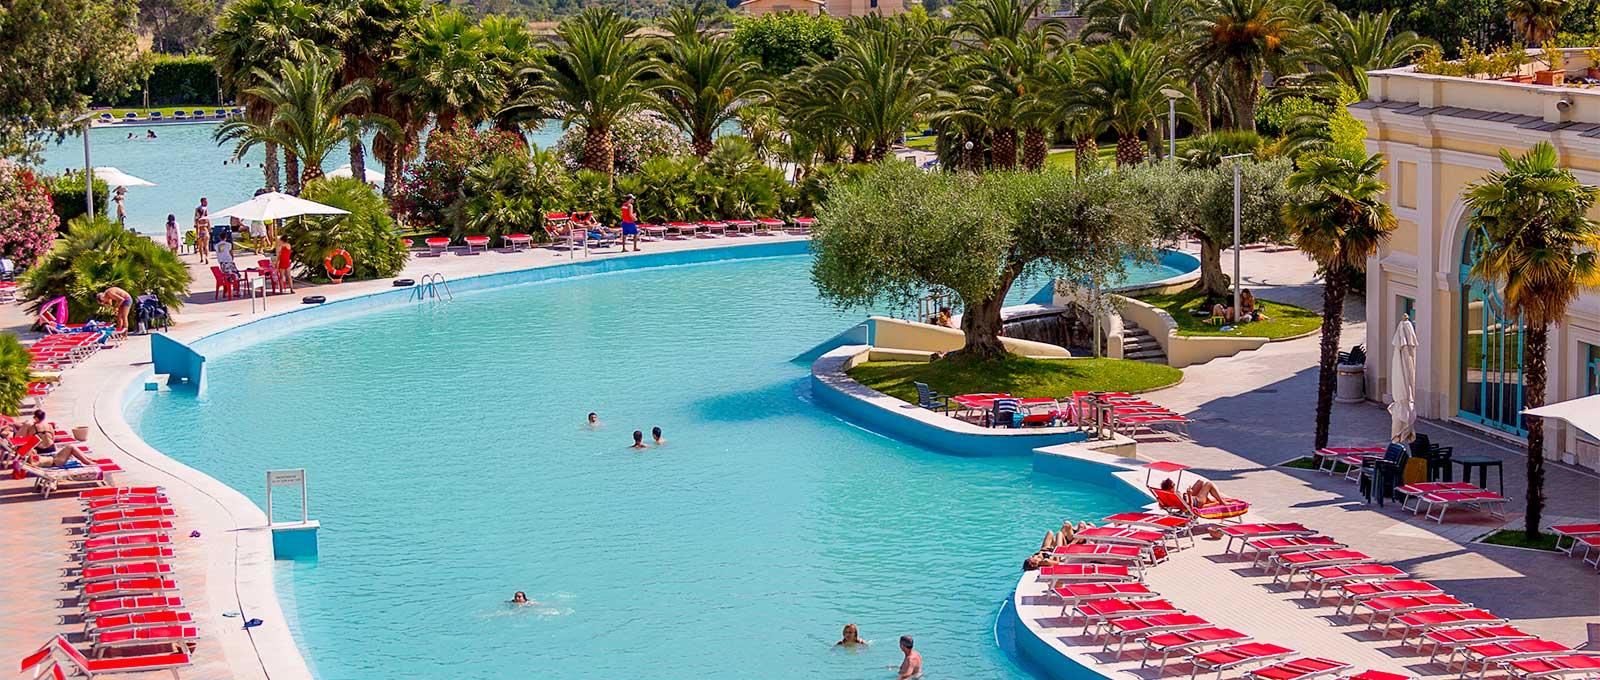 Offerte Victoria Terme Hotel a Tivoli Terme - Roma - Lazio ۓ Last ...